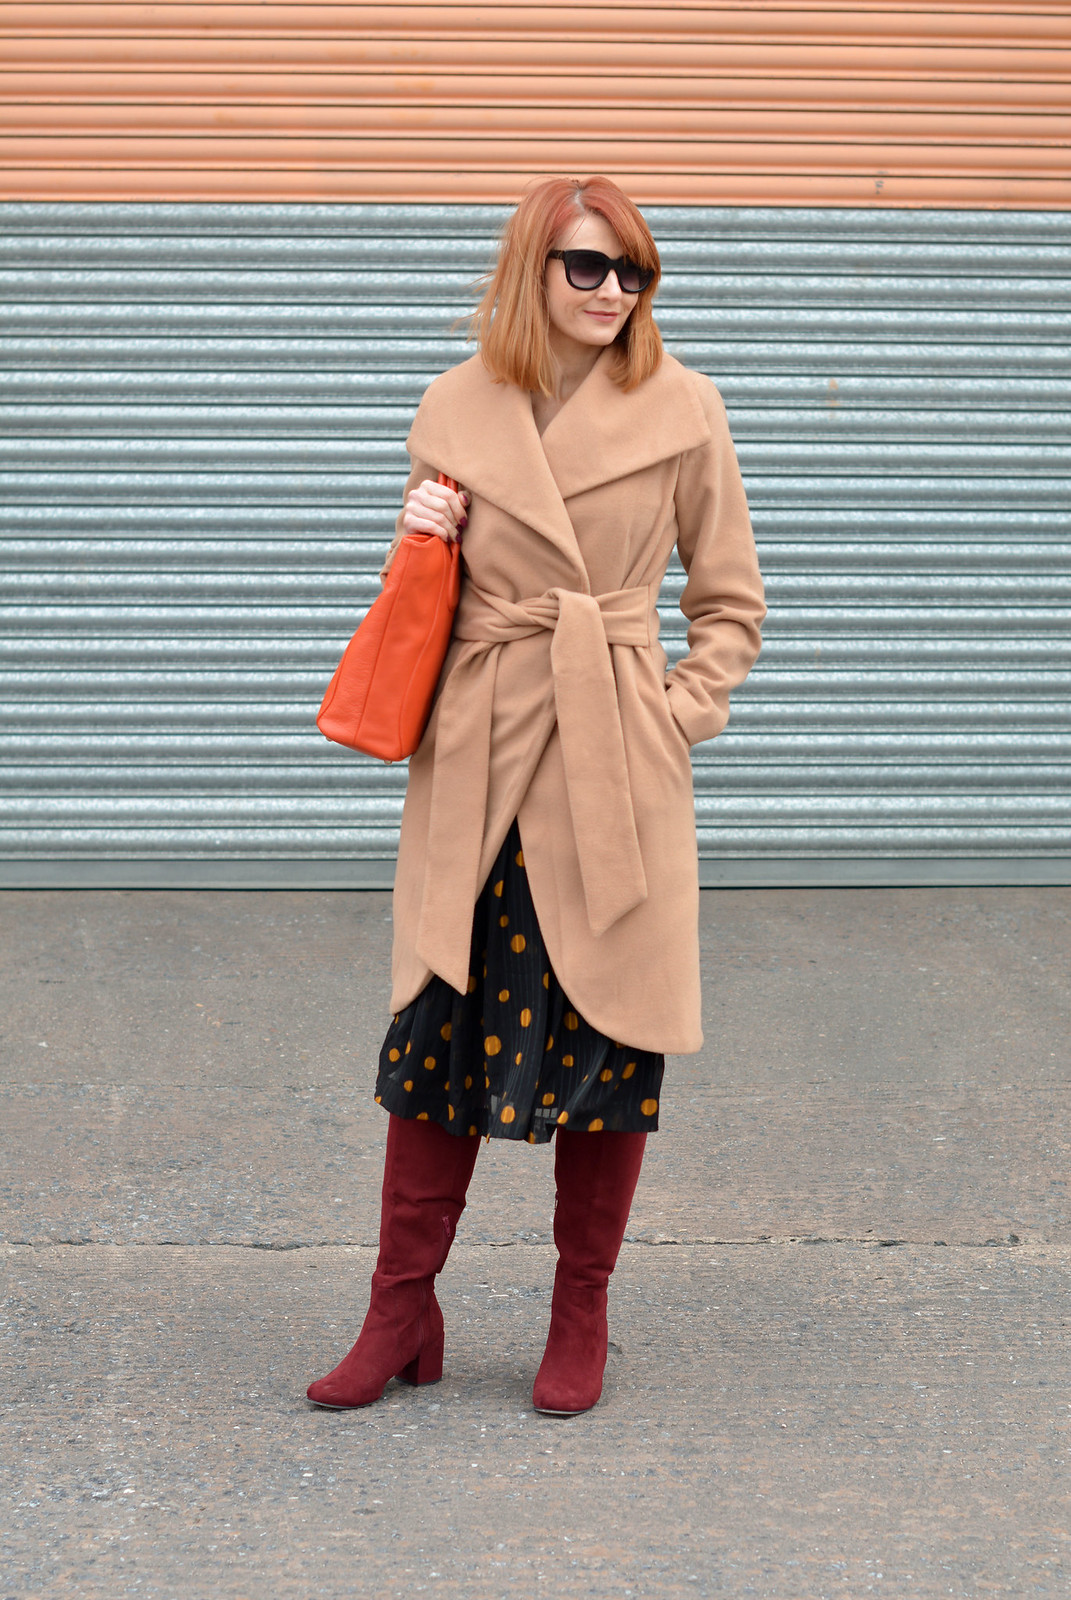 f63976ef30af3 Camel wrap coat, vintage 70s polka dots dress, burgundy boots, ...